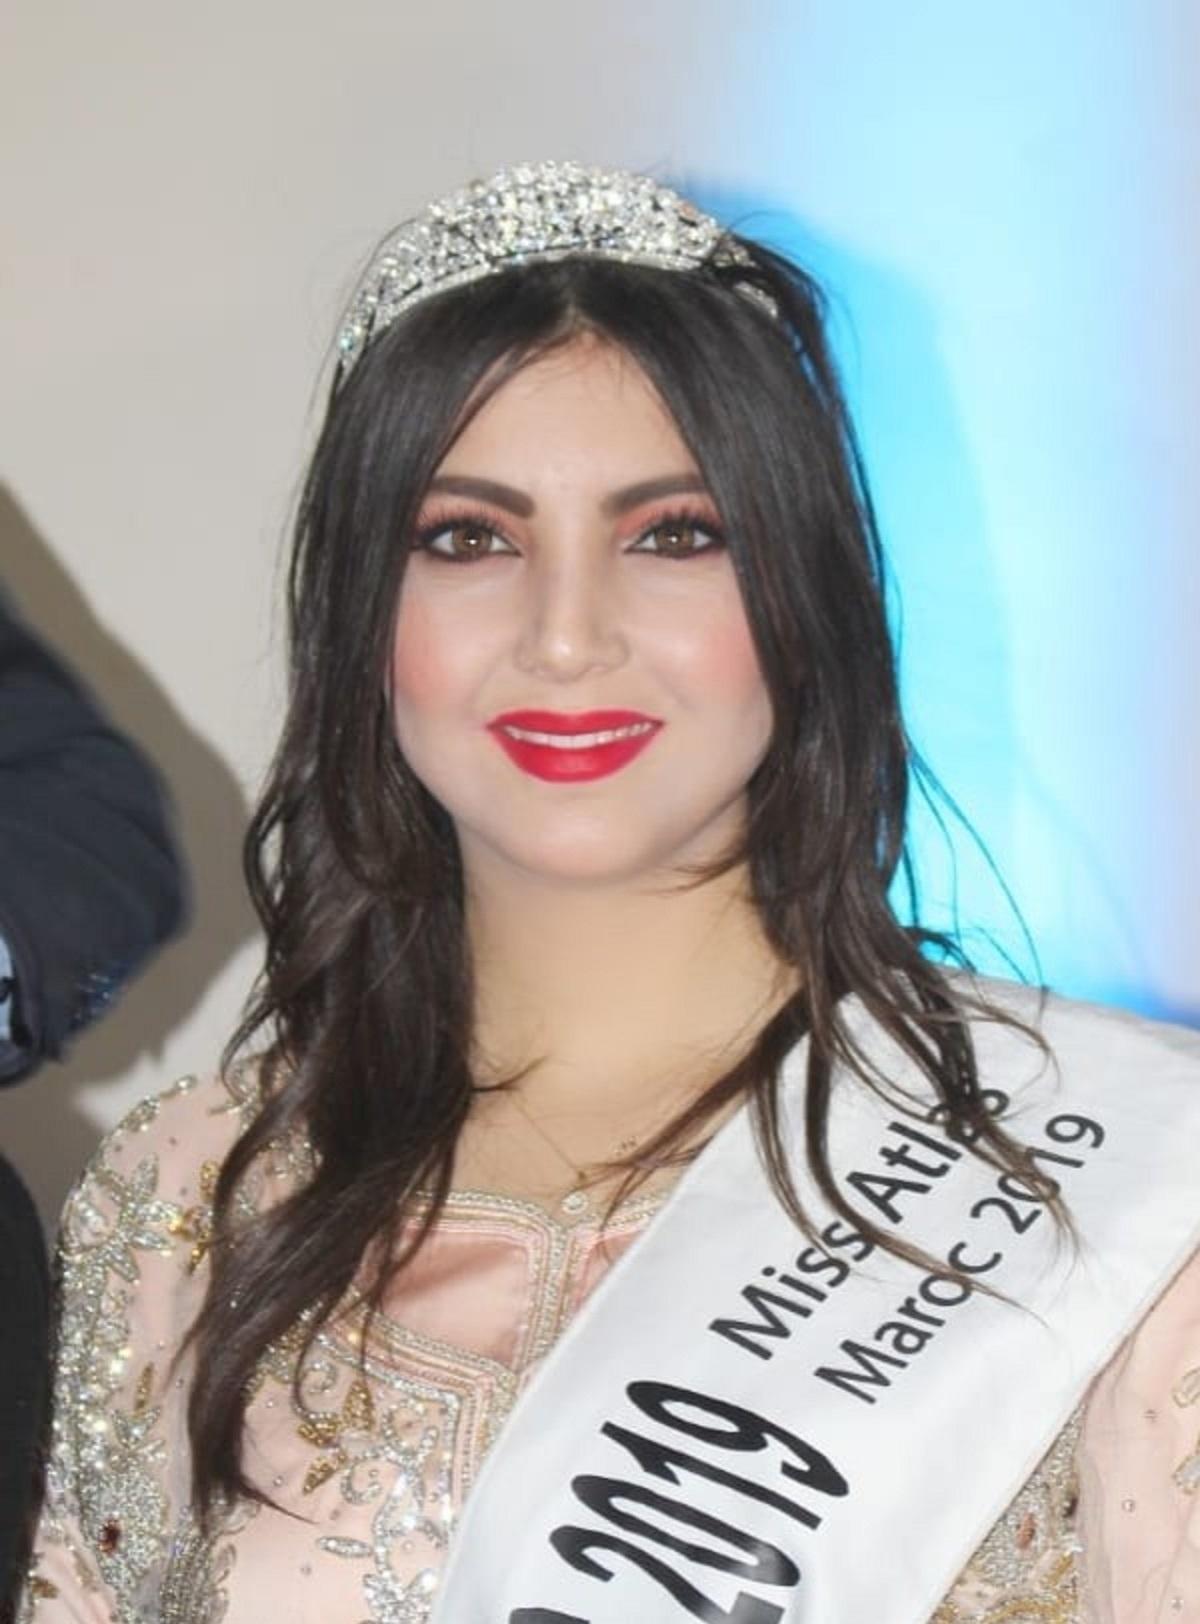 فتح باب التسجيل في مهرجان ملكة جمال الأطلس 2020 بالمغرب موقع عربي أمريكي